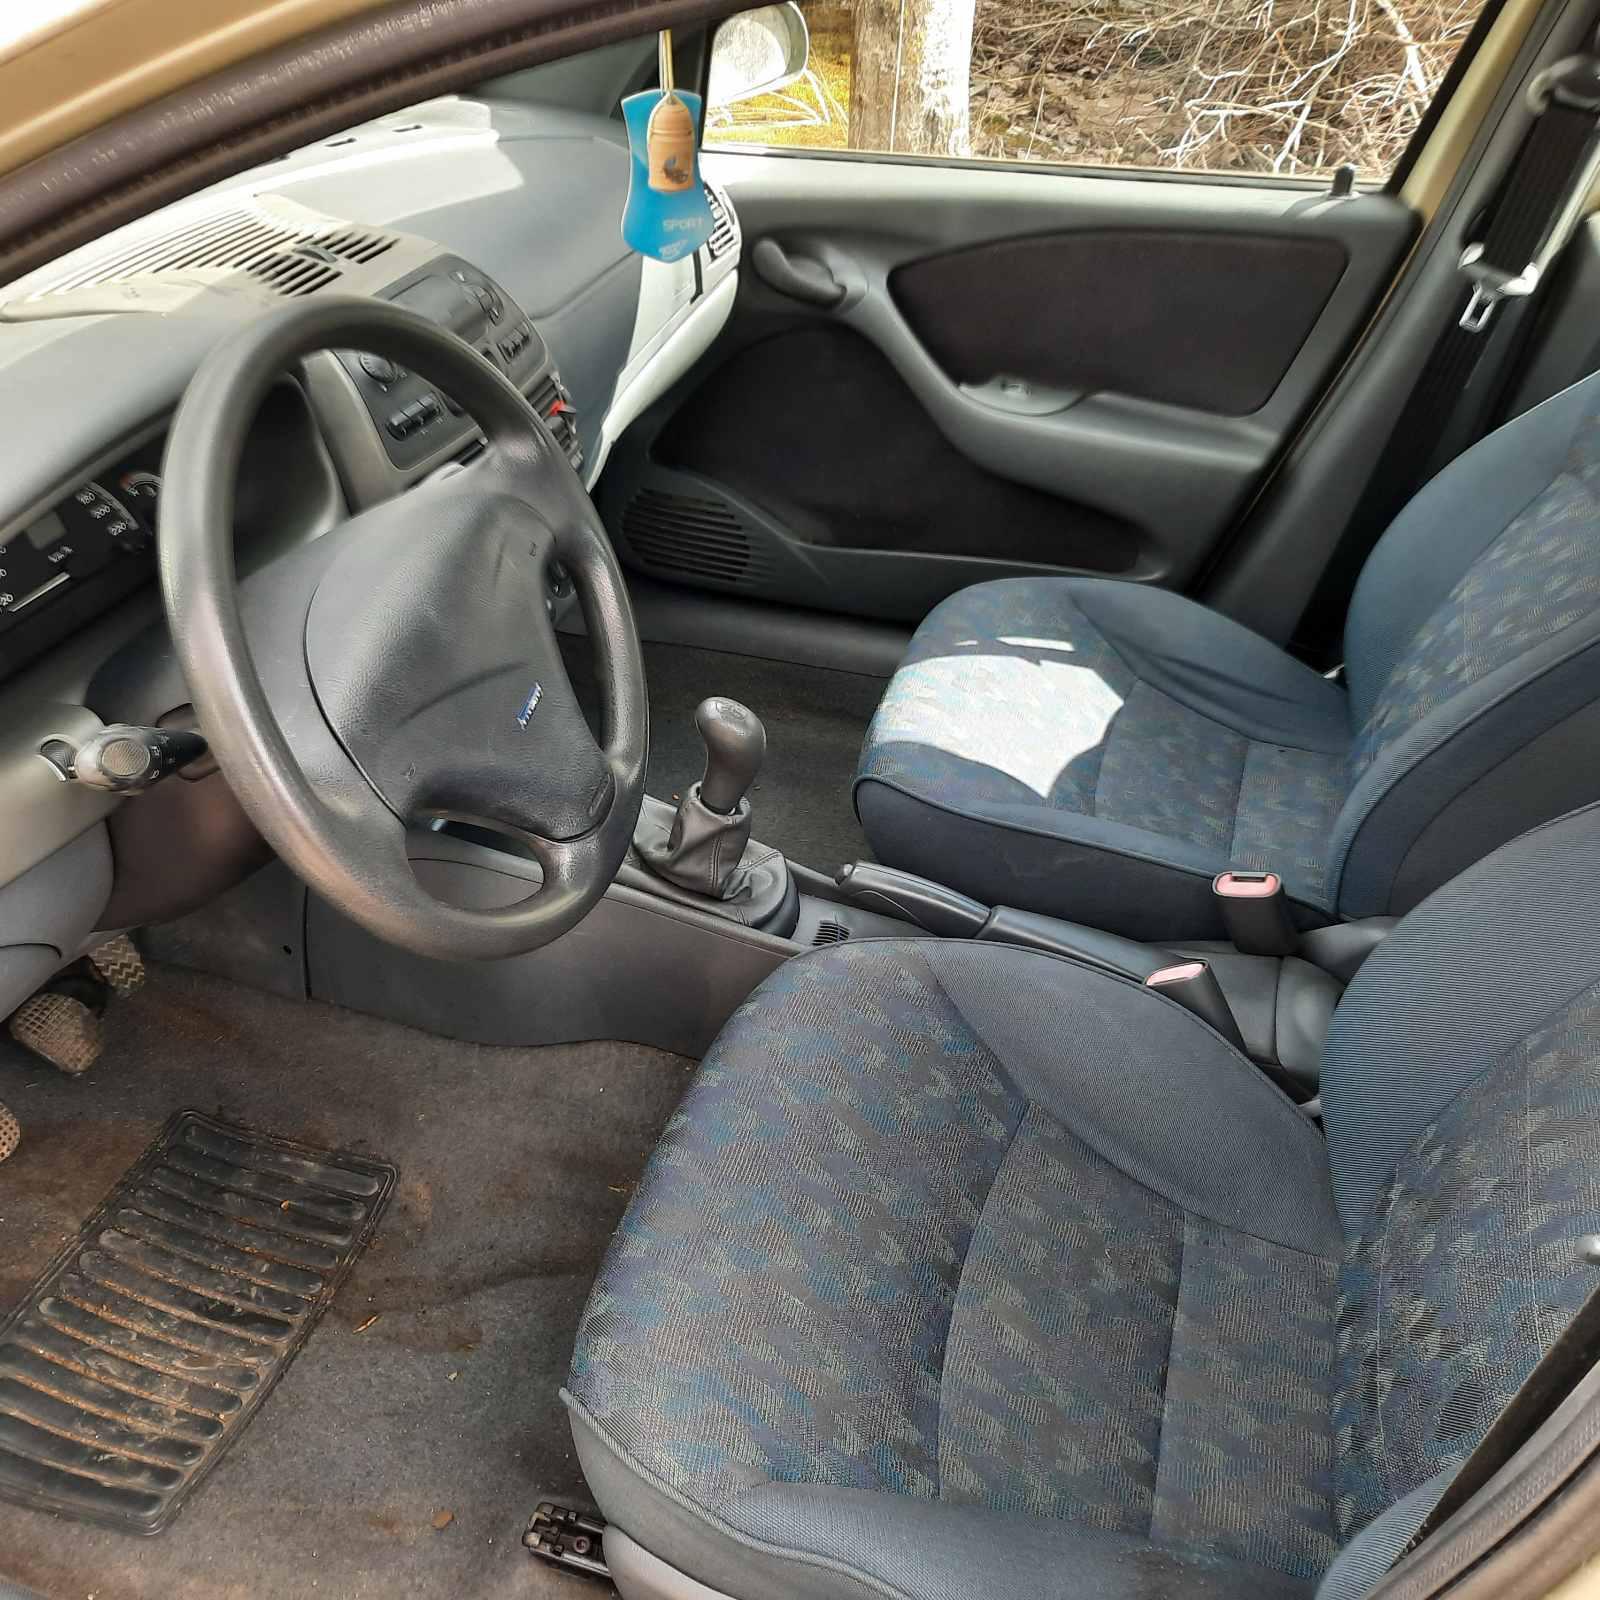 Подержанные Автозапчасти Foto 5 Fiat BRAVA 1996 1.9 машиностроение хэтчбэк 4/5 d. желтый 2021-4-07 A6134